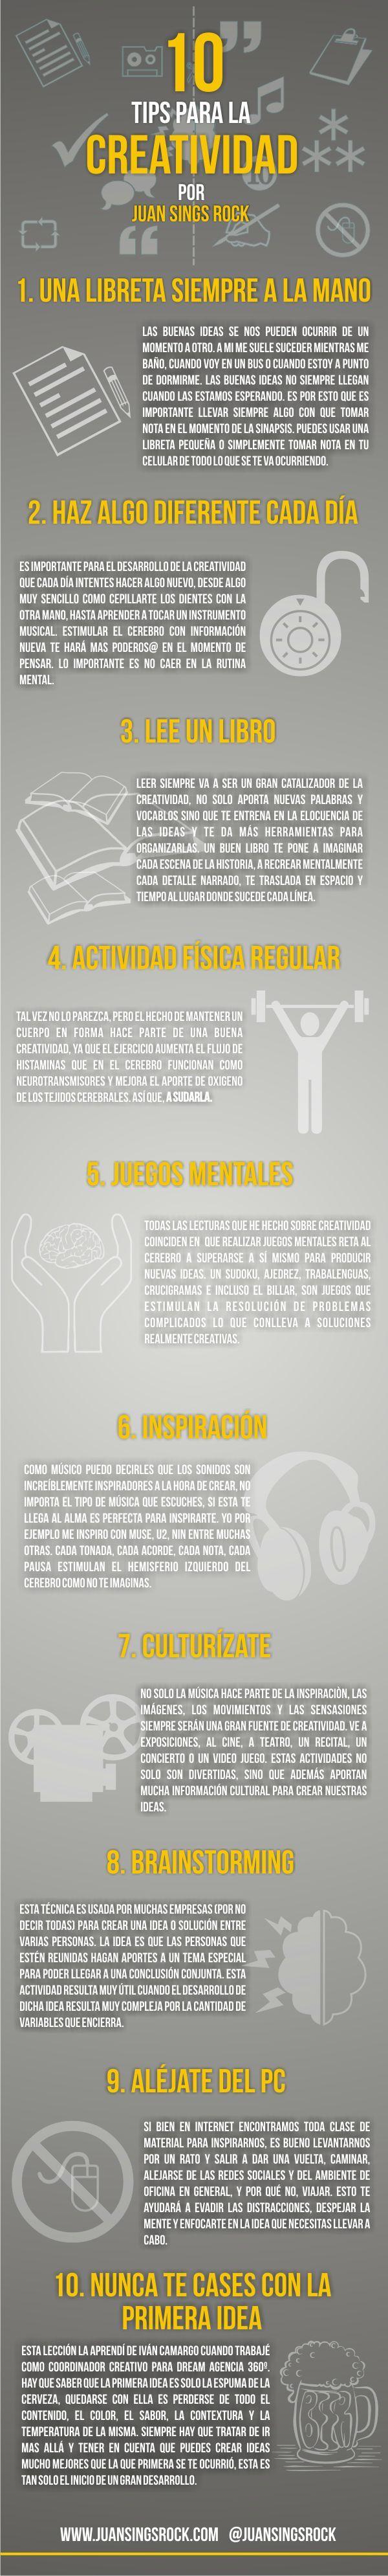 10 tips para optimizar tu creatividad #diseño #creatividad